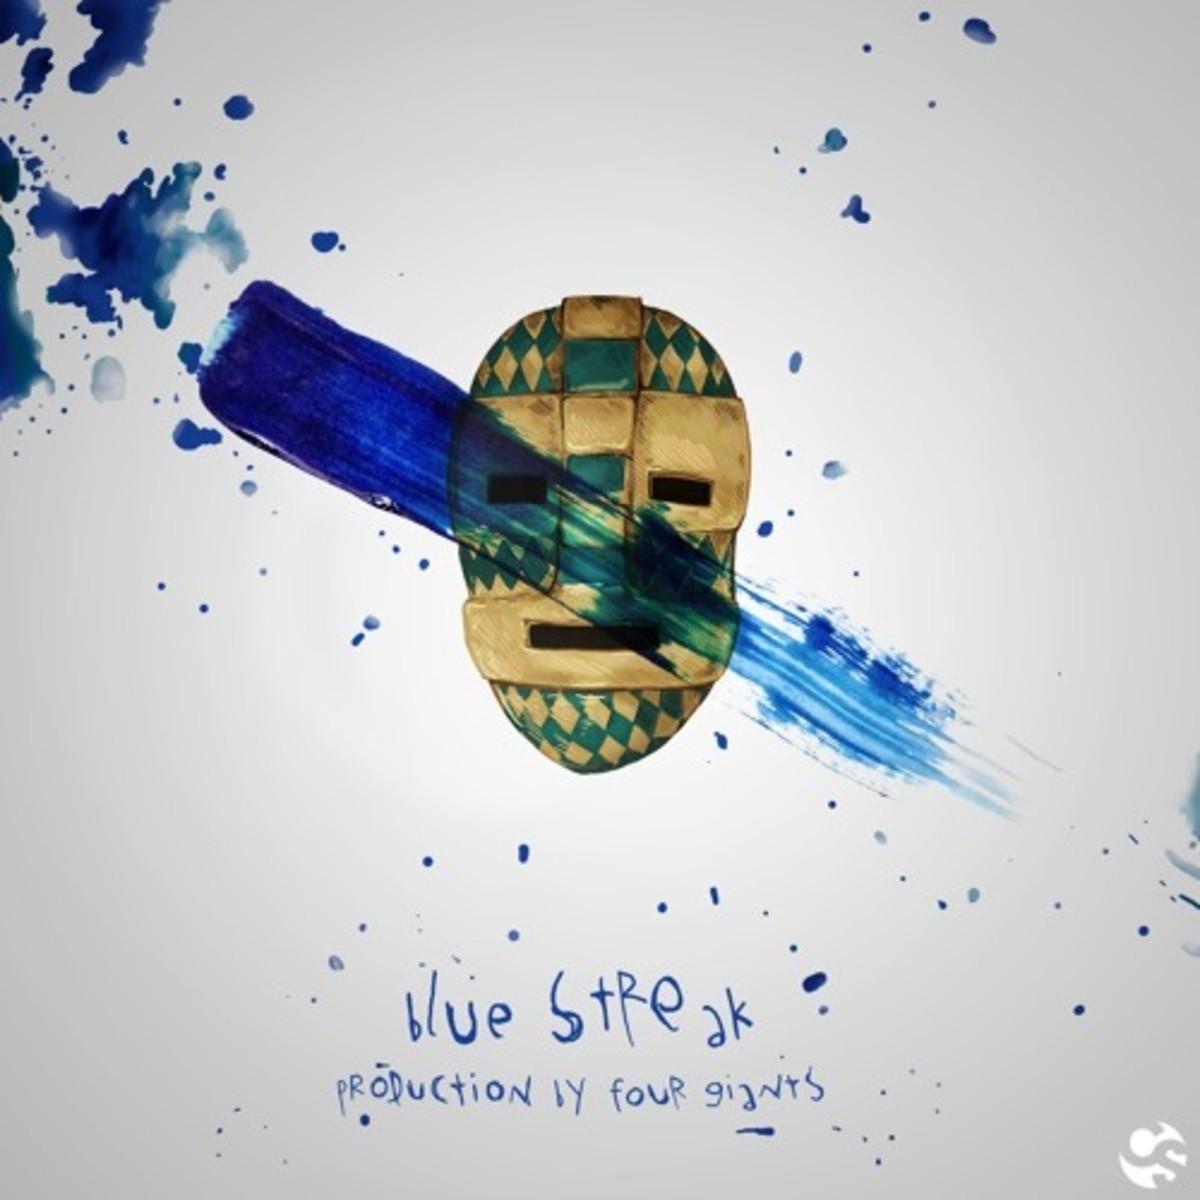 websterx-blue-streak.jpg